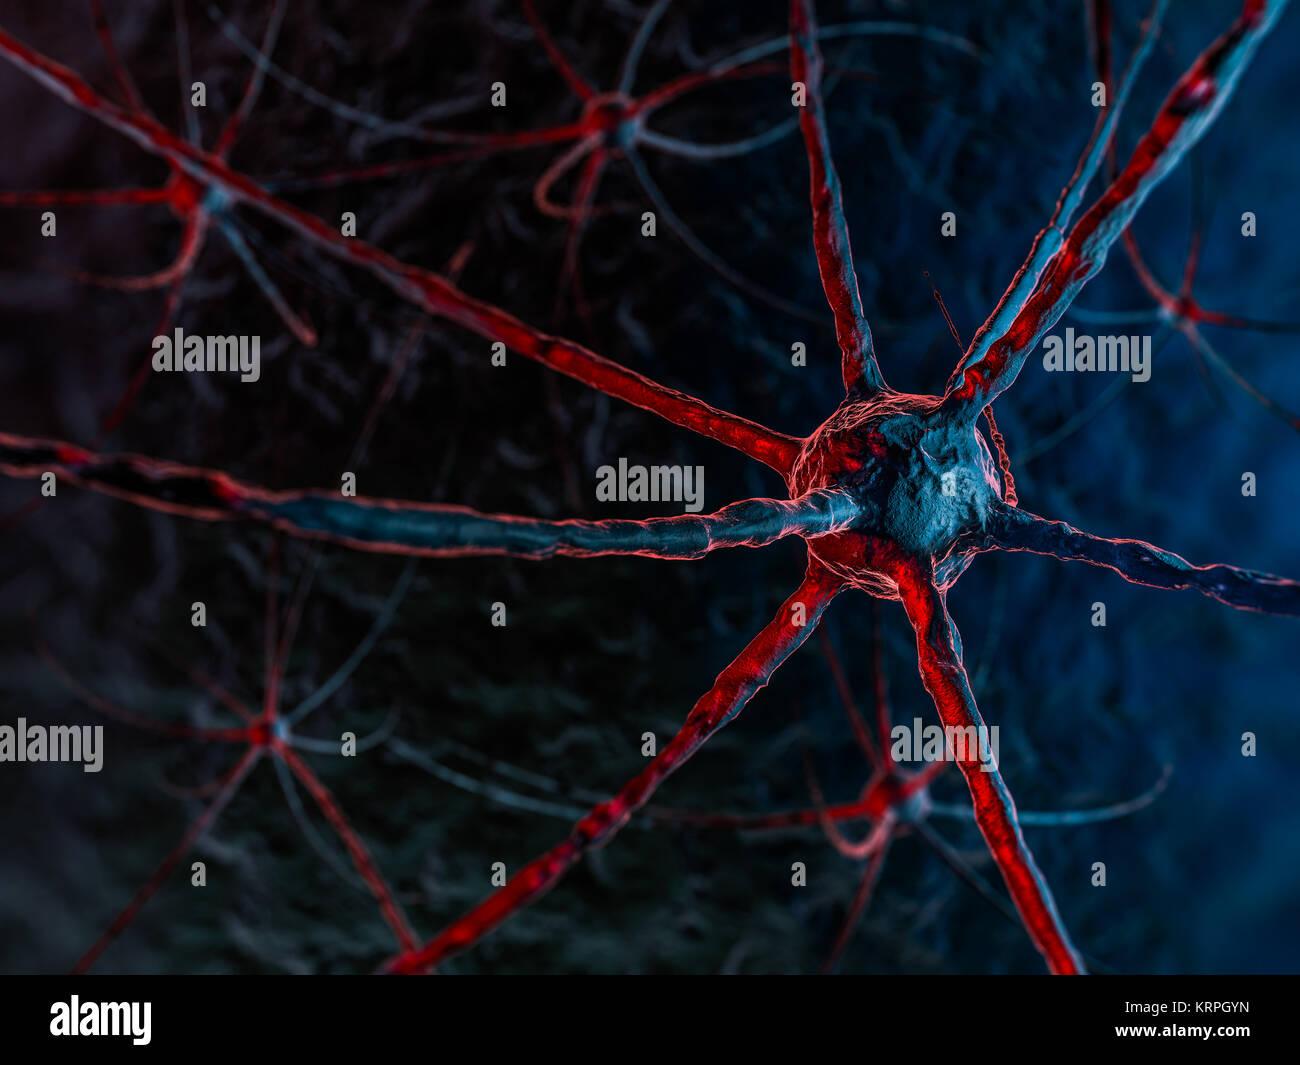 Red neuronal sobre un fondo azul oscuro. 3D rendering Imagen De Stock